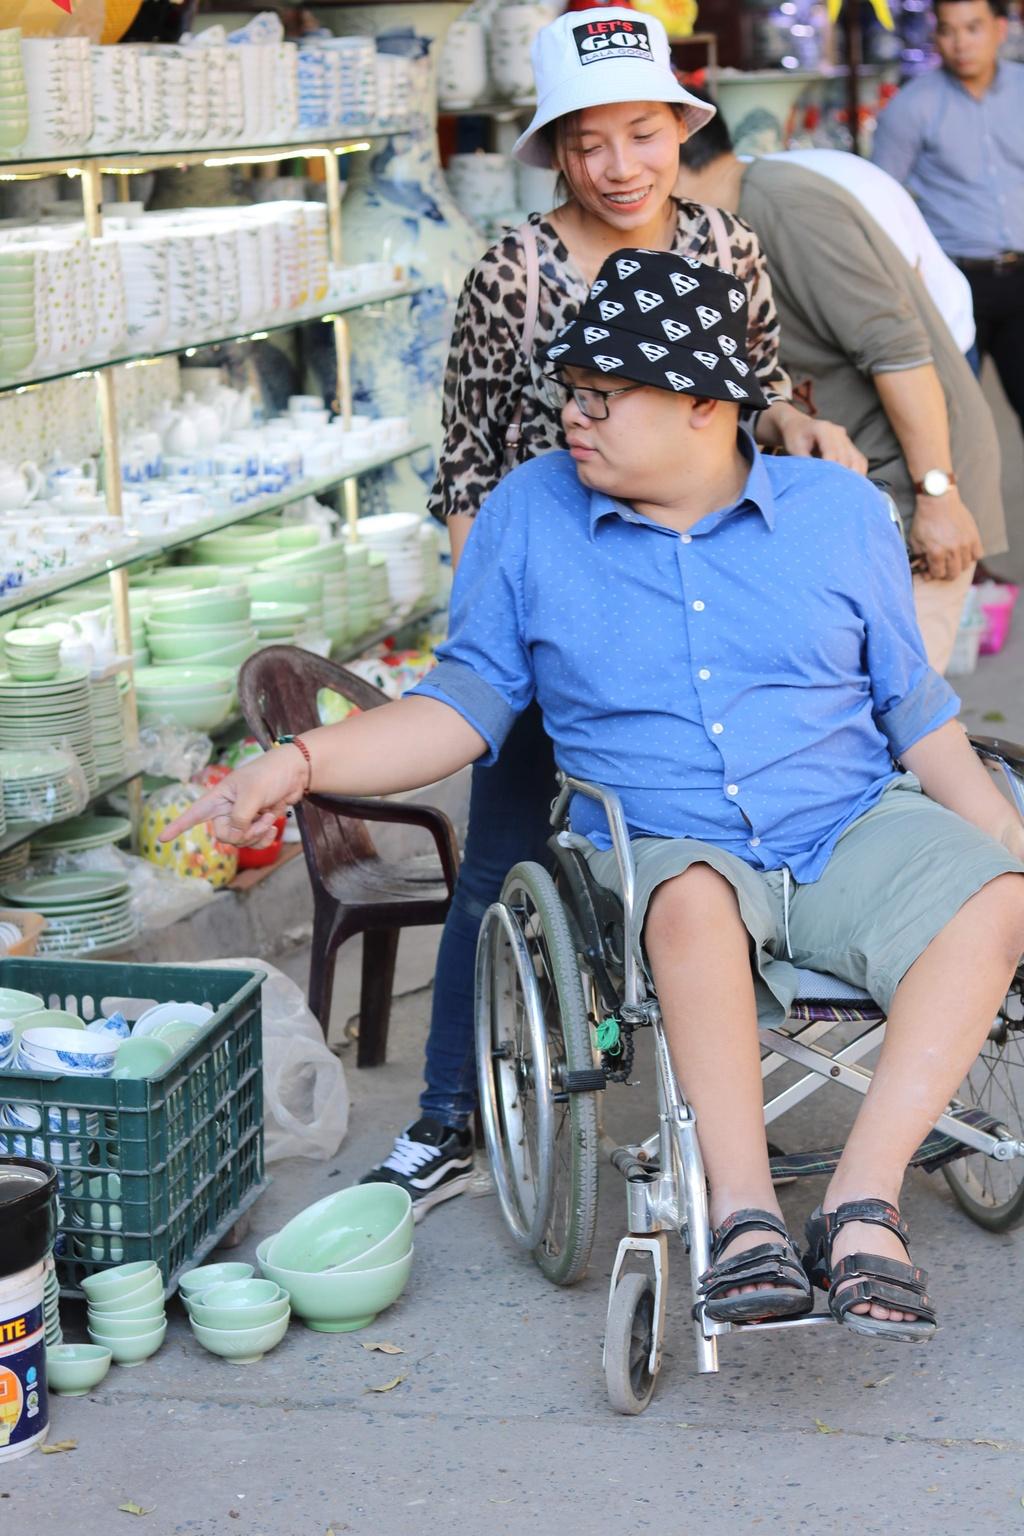 chuyen tinh cua chang trai Bac Giang liet hai chan anh 5